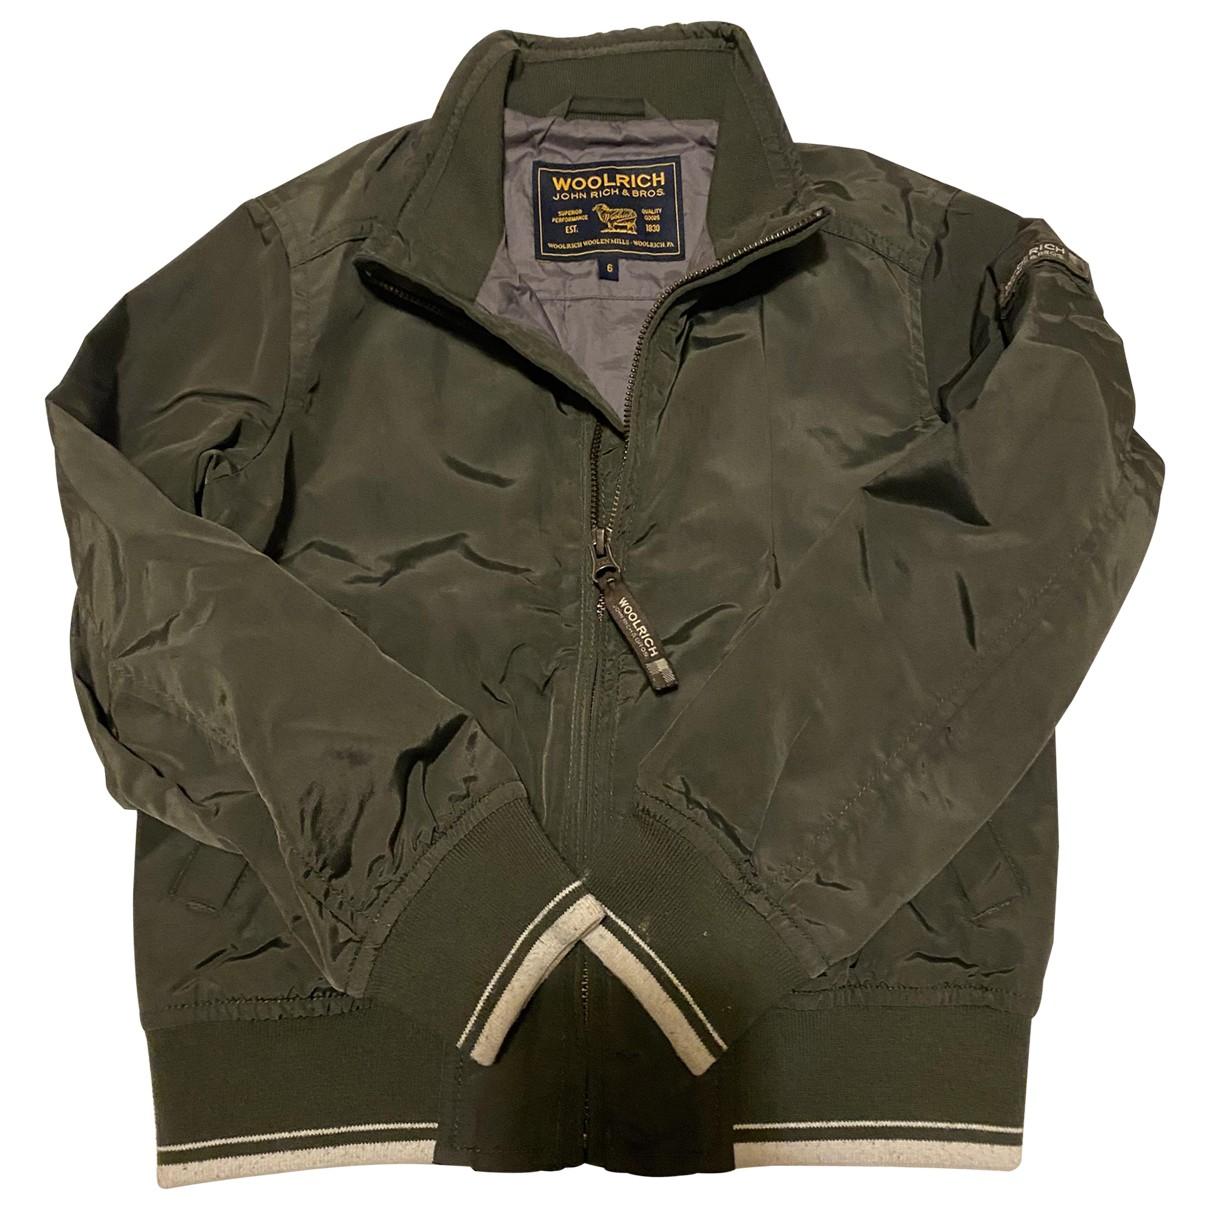 Woolrich - Blousons.Manteaux   pour enfant - vert